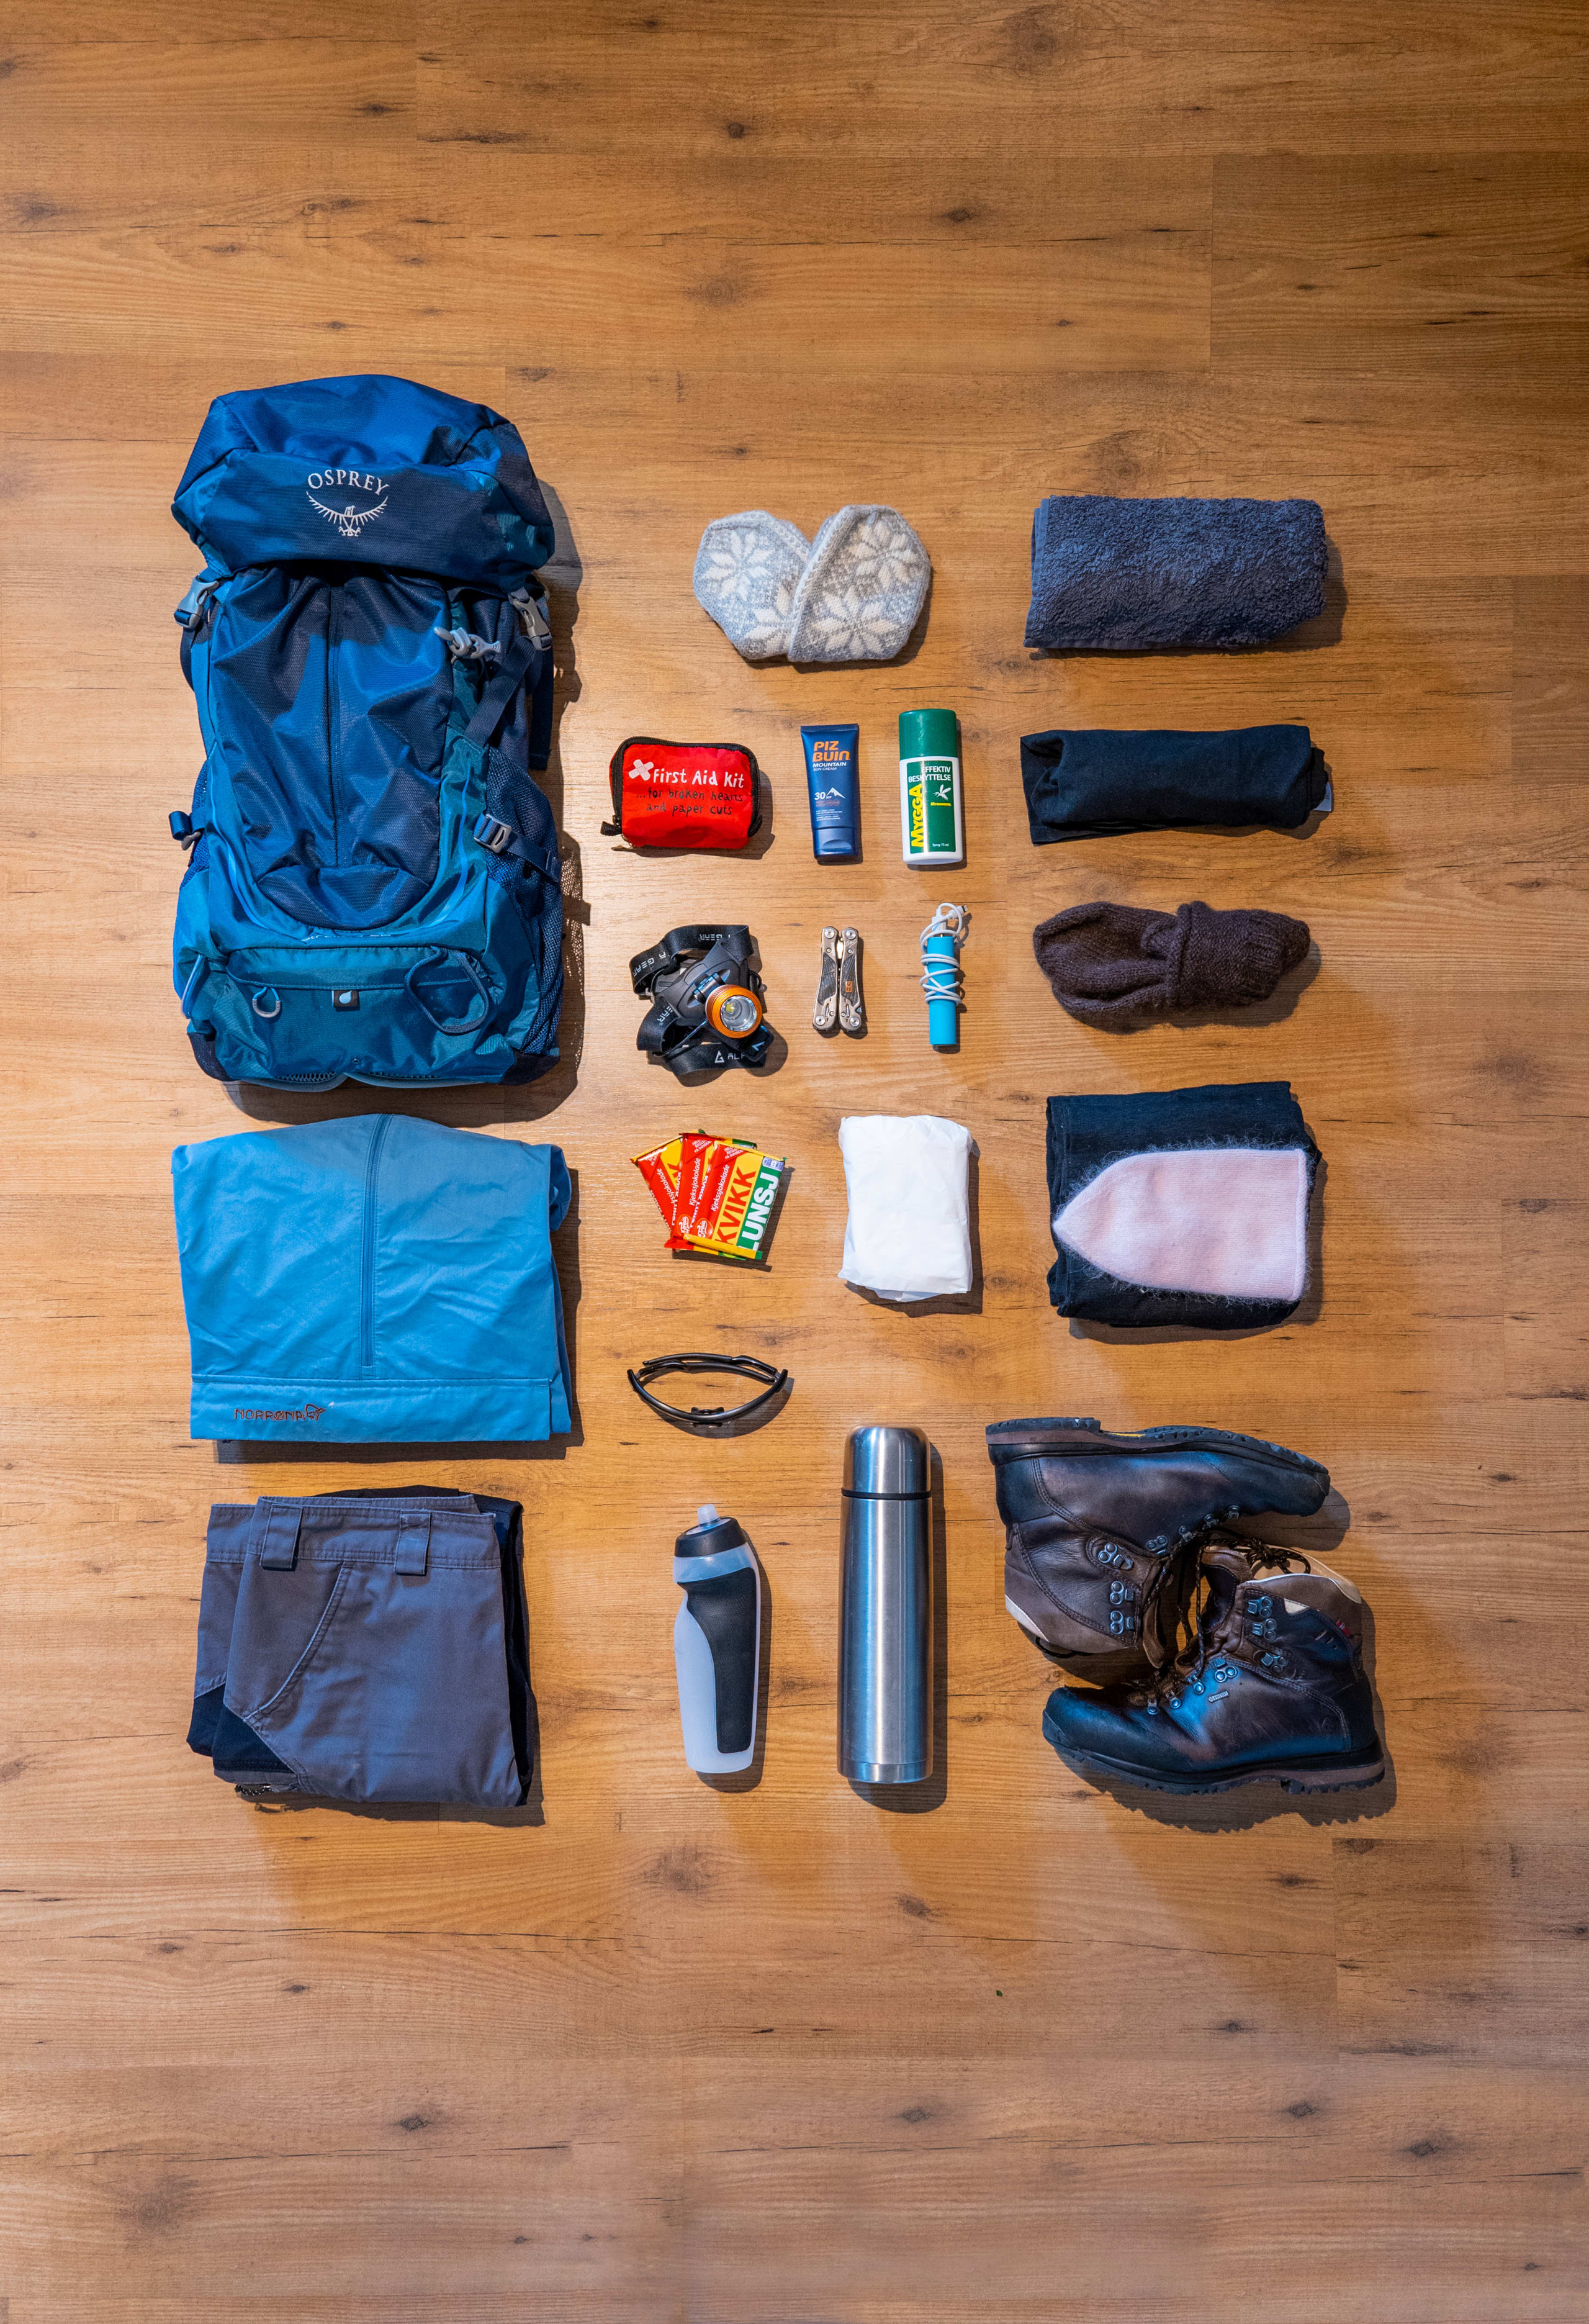 Equipment needed for the Preikestolen hike